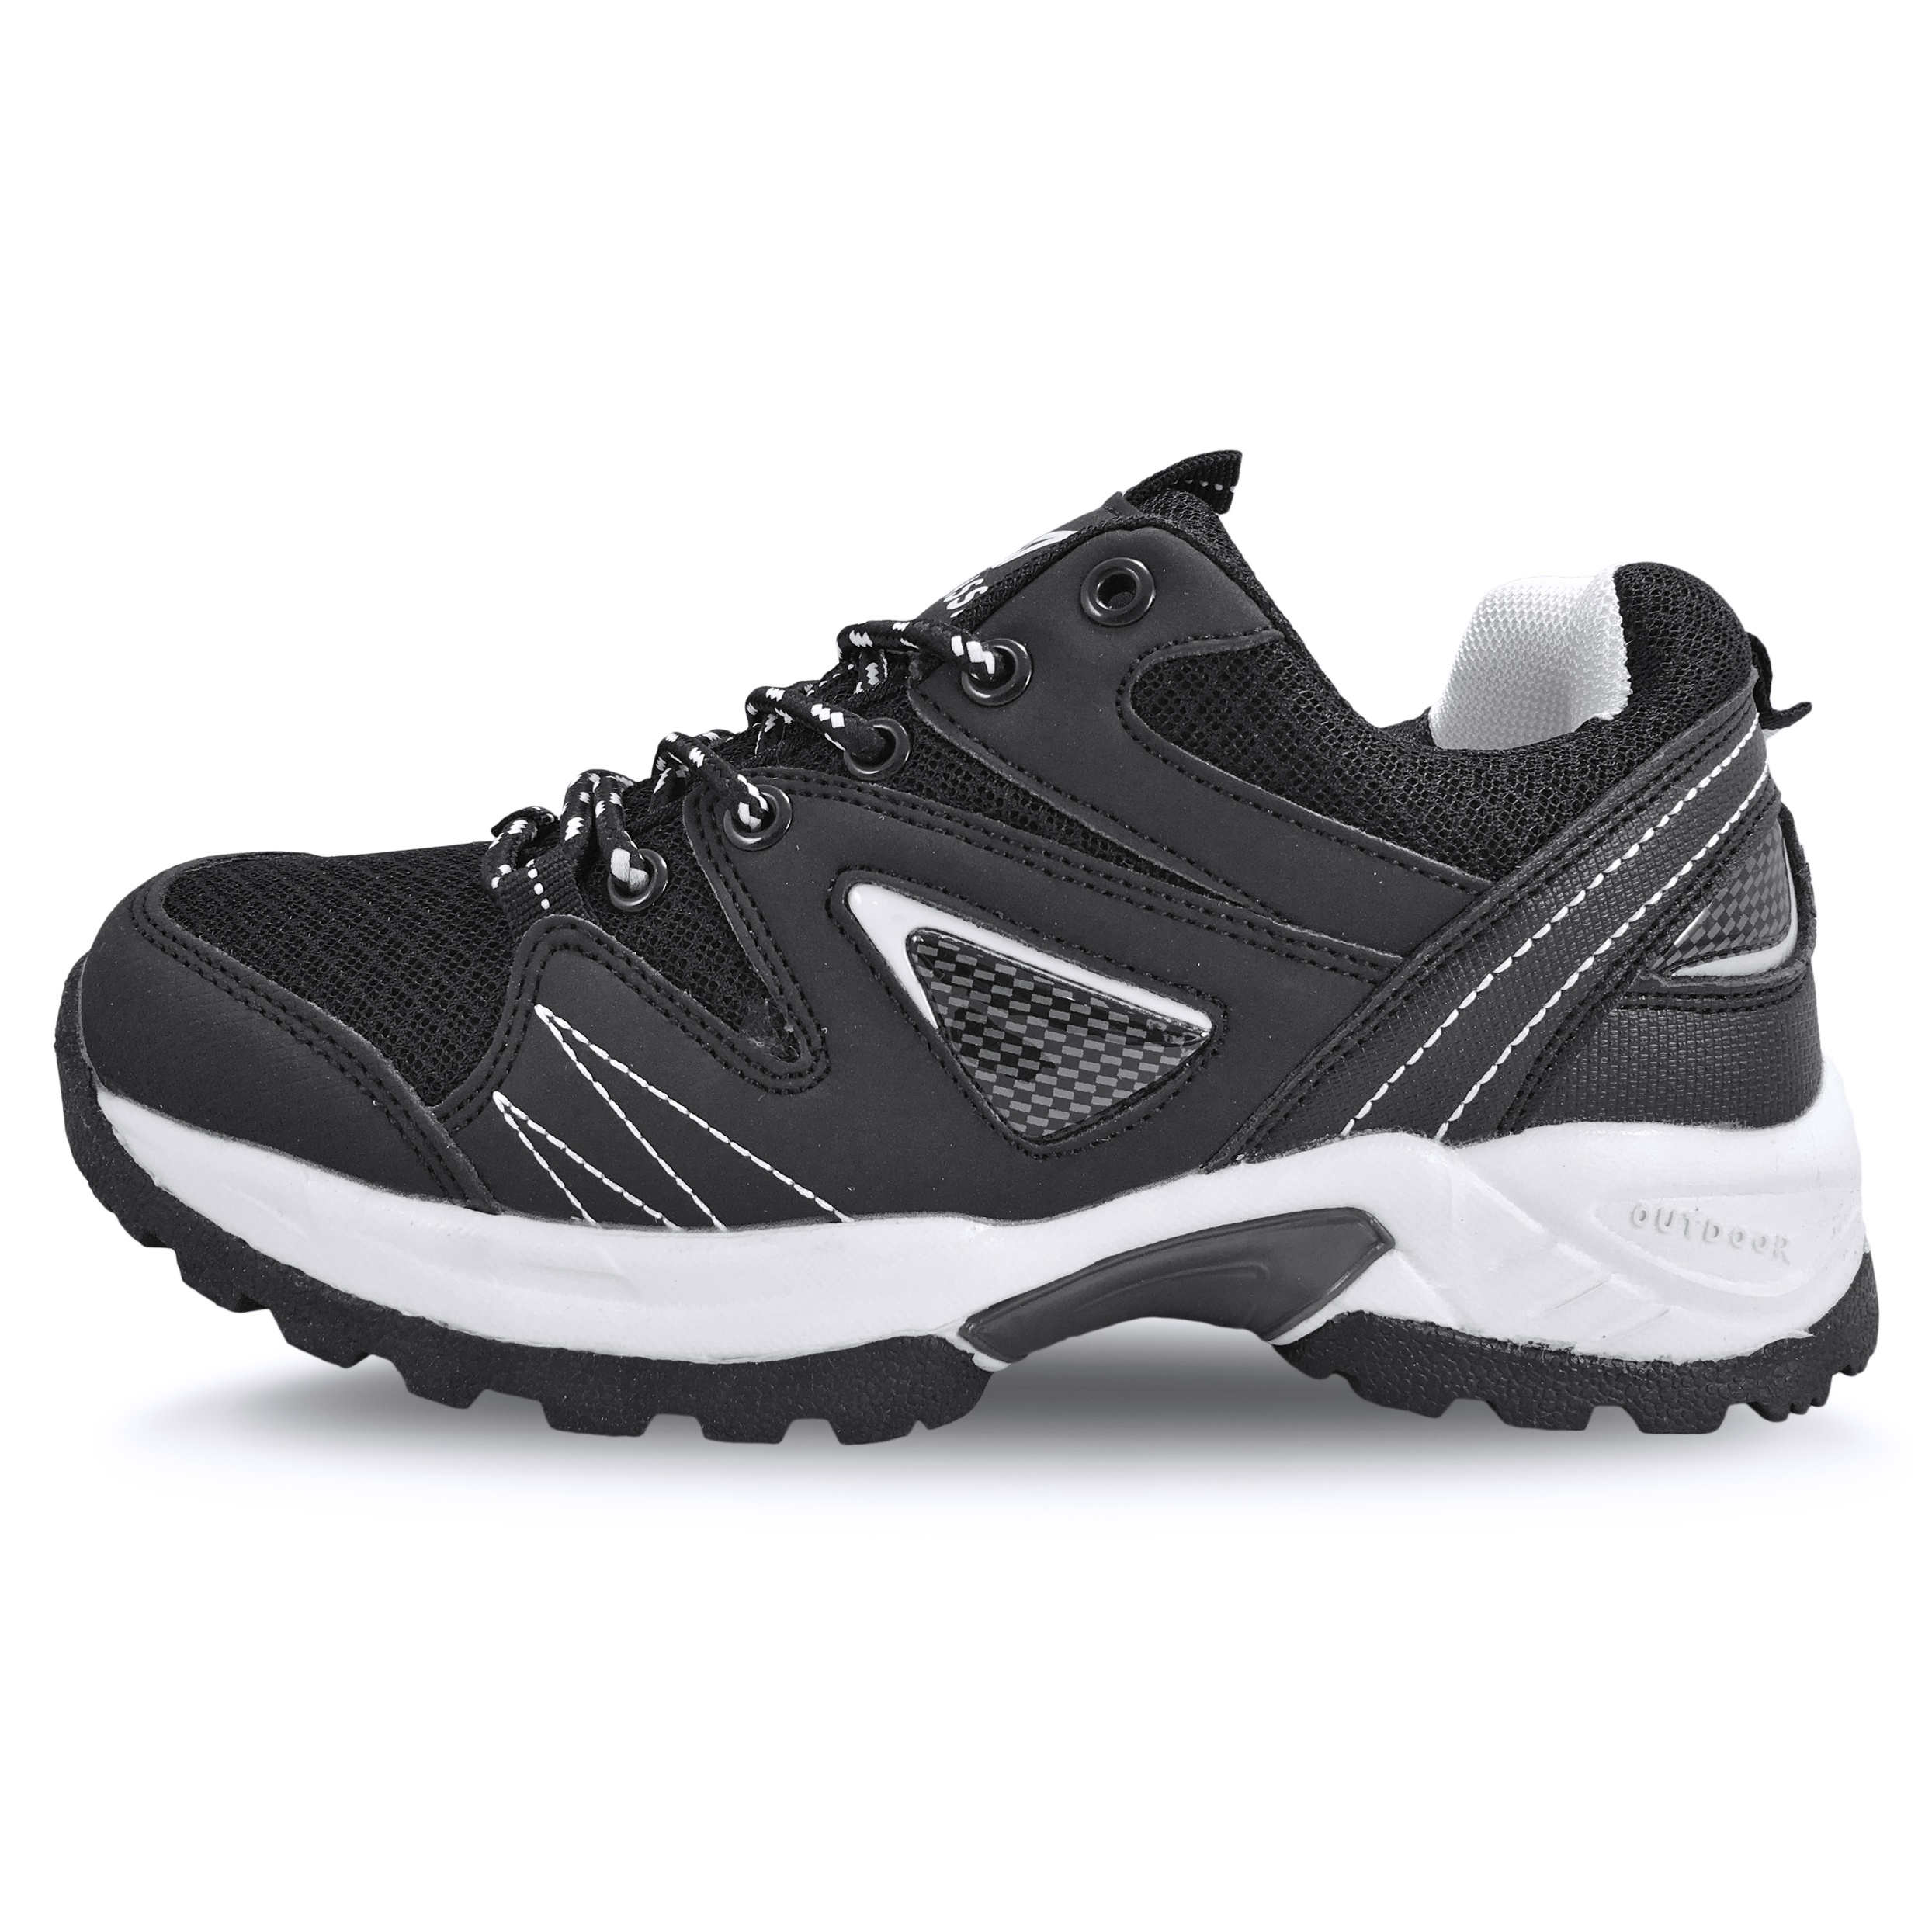 کفش مخصوص پیاده روی زنانه اچ ال اس مدل هیلاسی کد SJ108